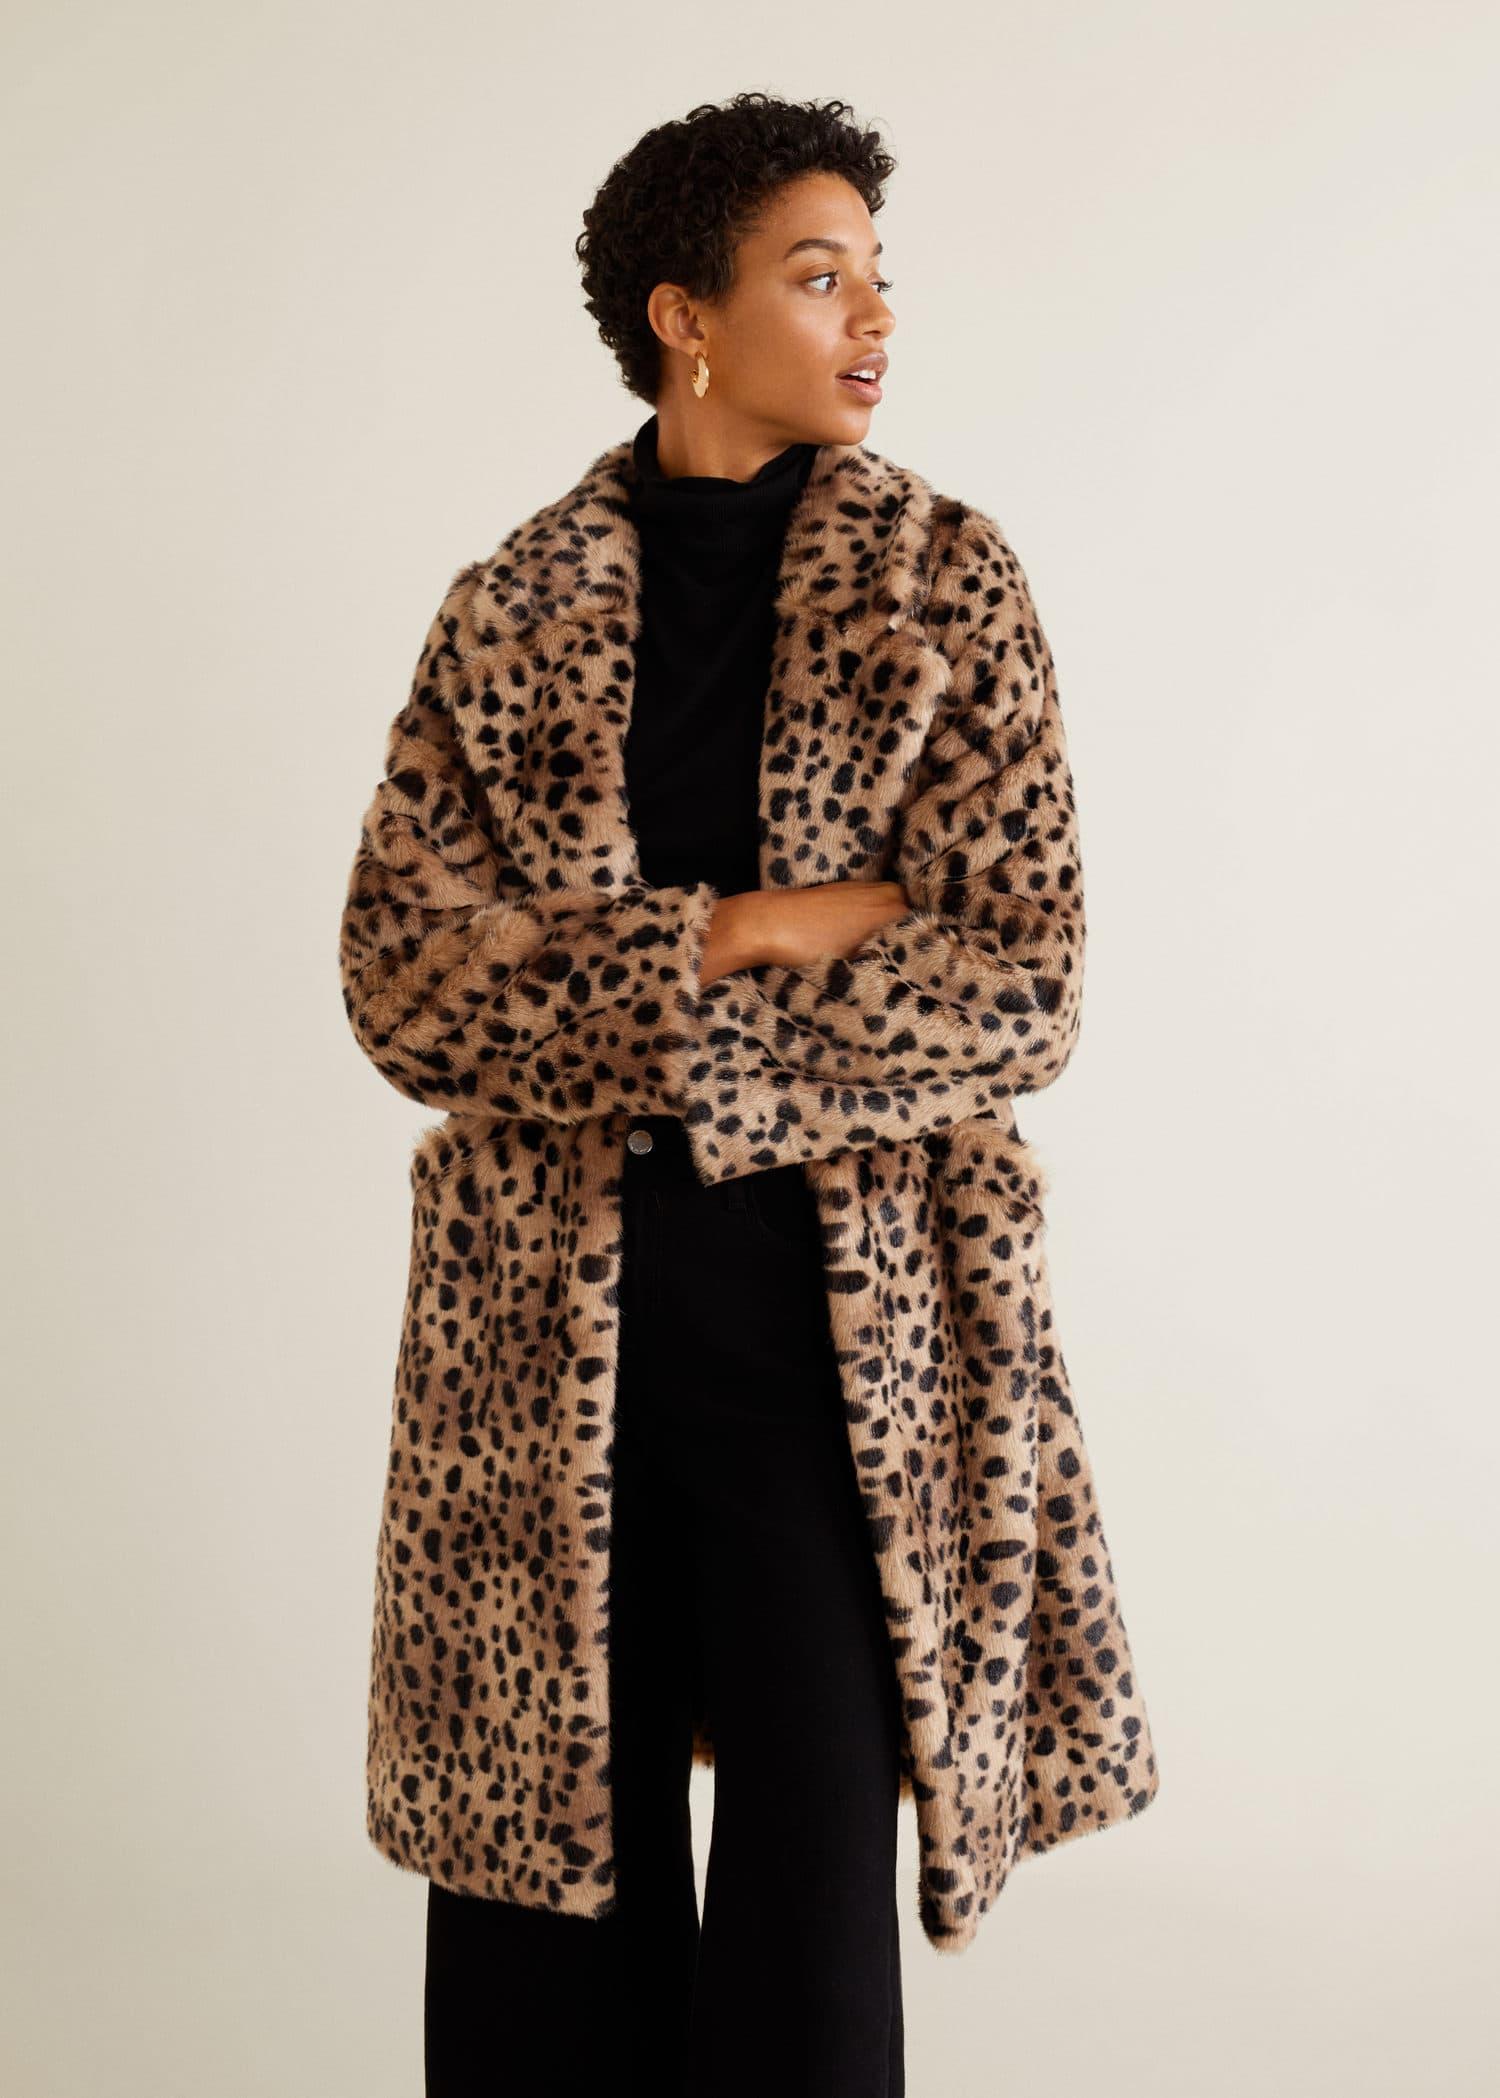 nueva estilos 6c8d3 8c68c Leopard faux-fur coat - Woman | OUTLET Cyprus (Euros)